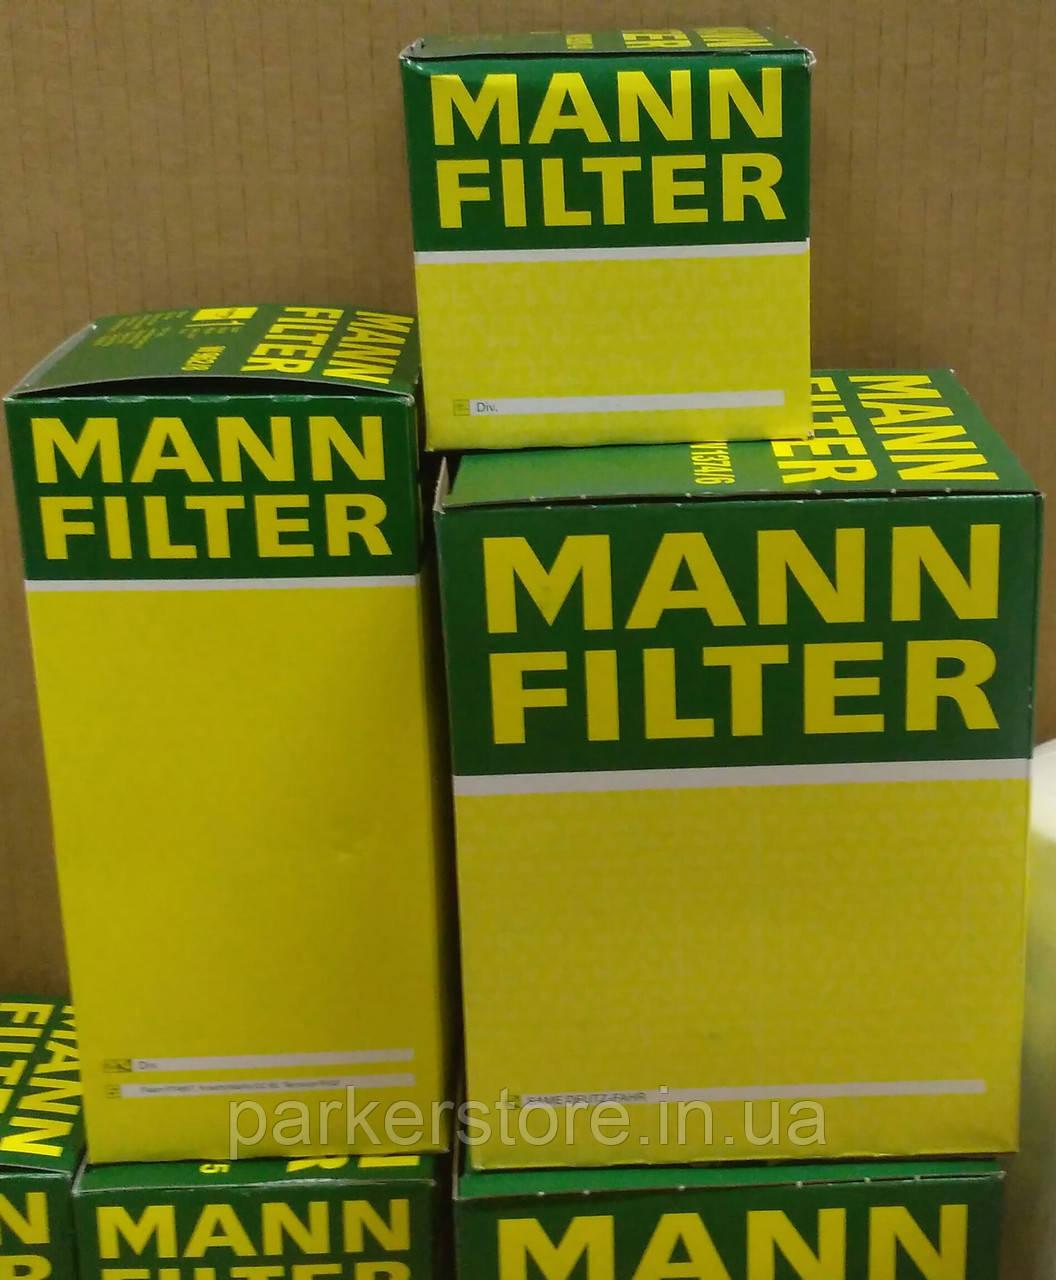 MANN FILTER / Повітряний фільтр / C 2494 / C2494